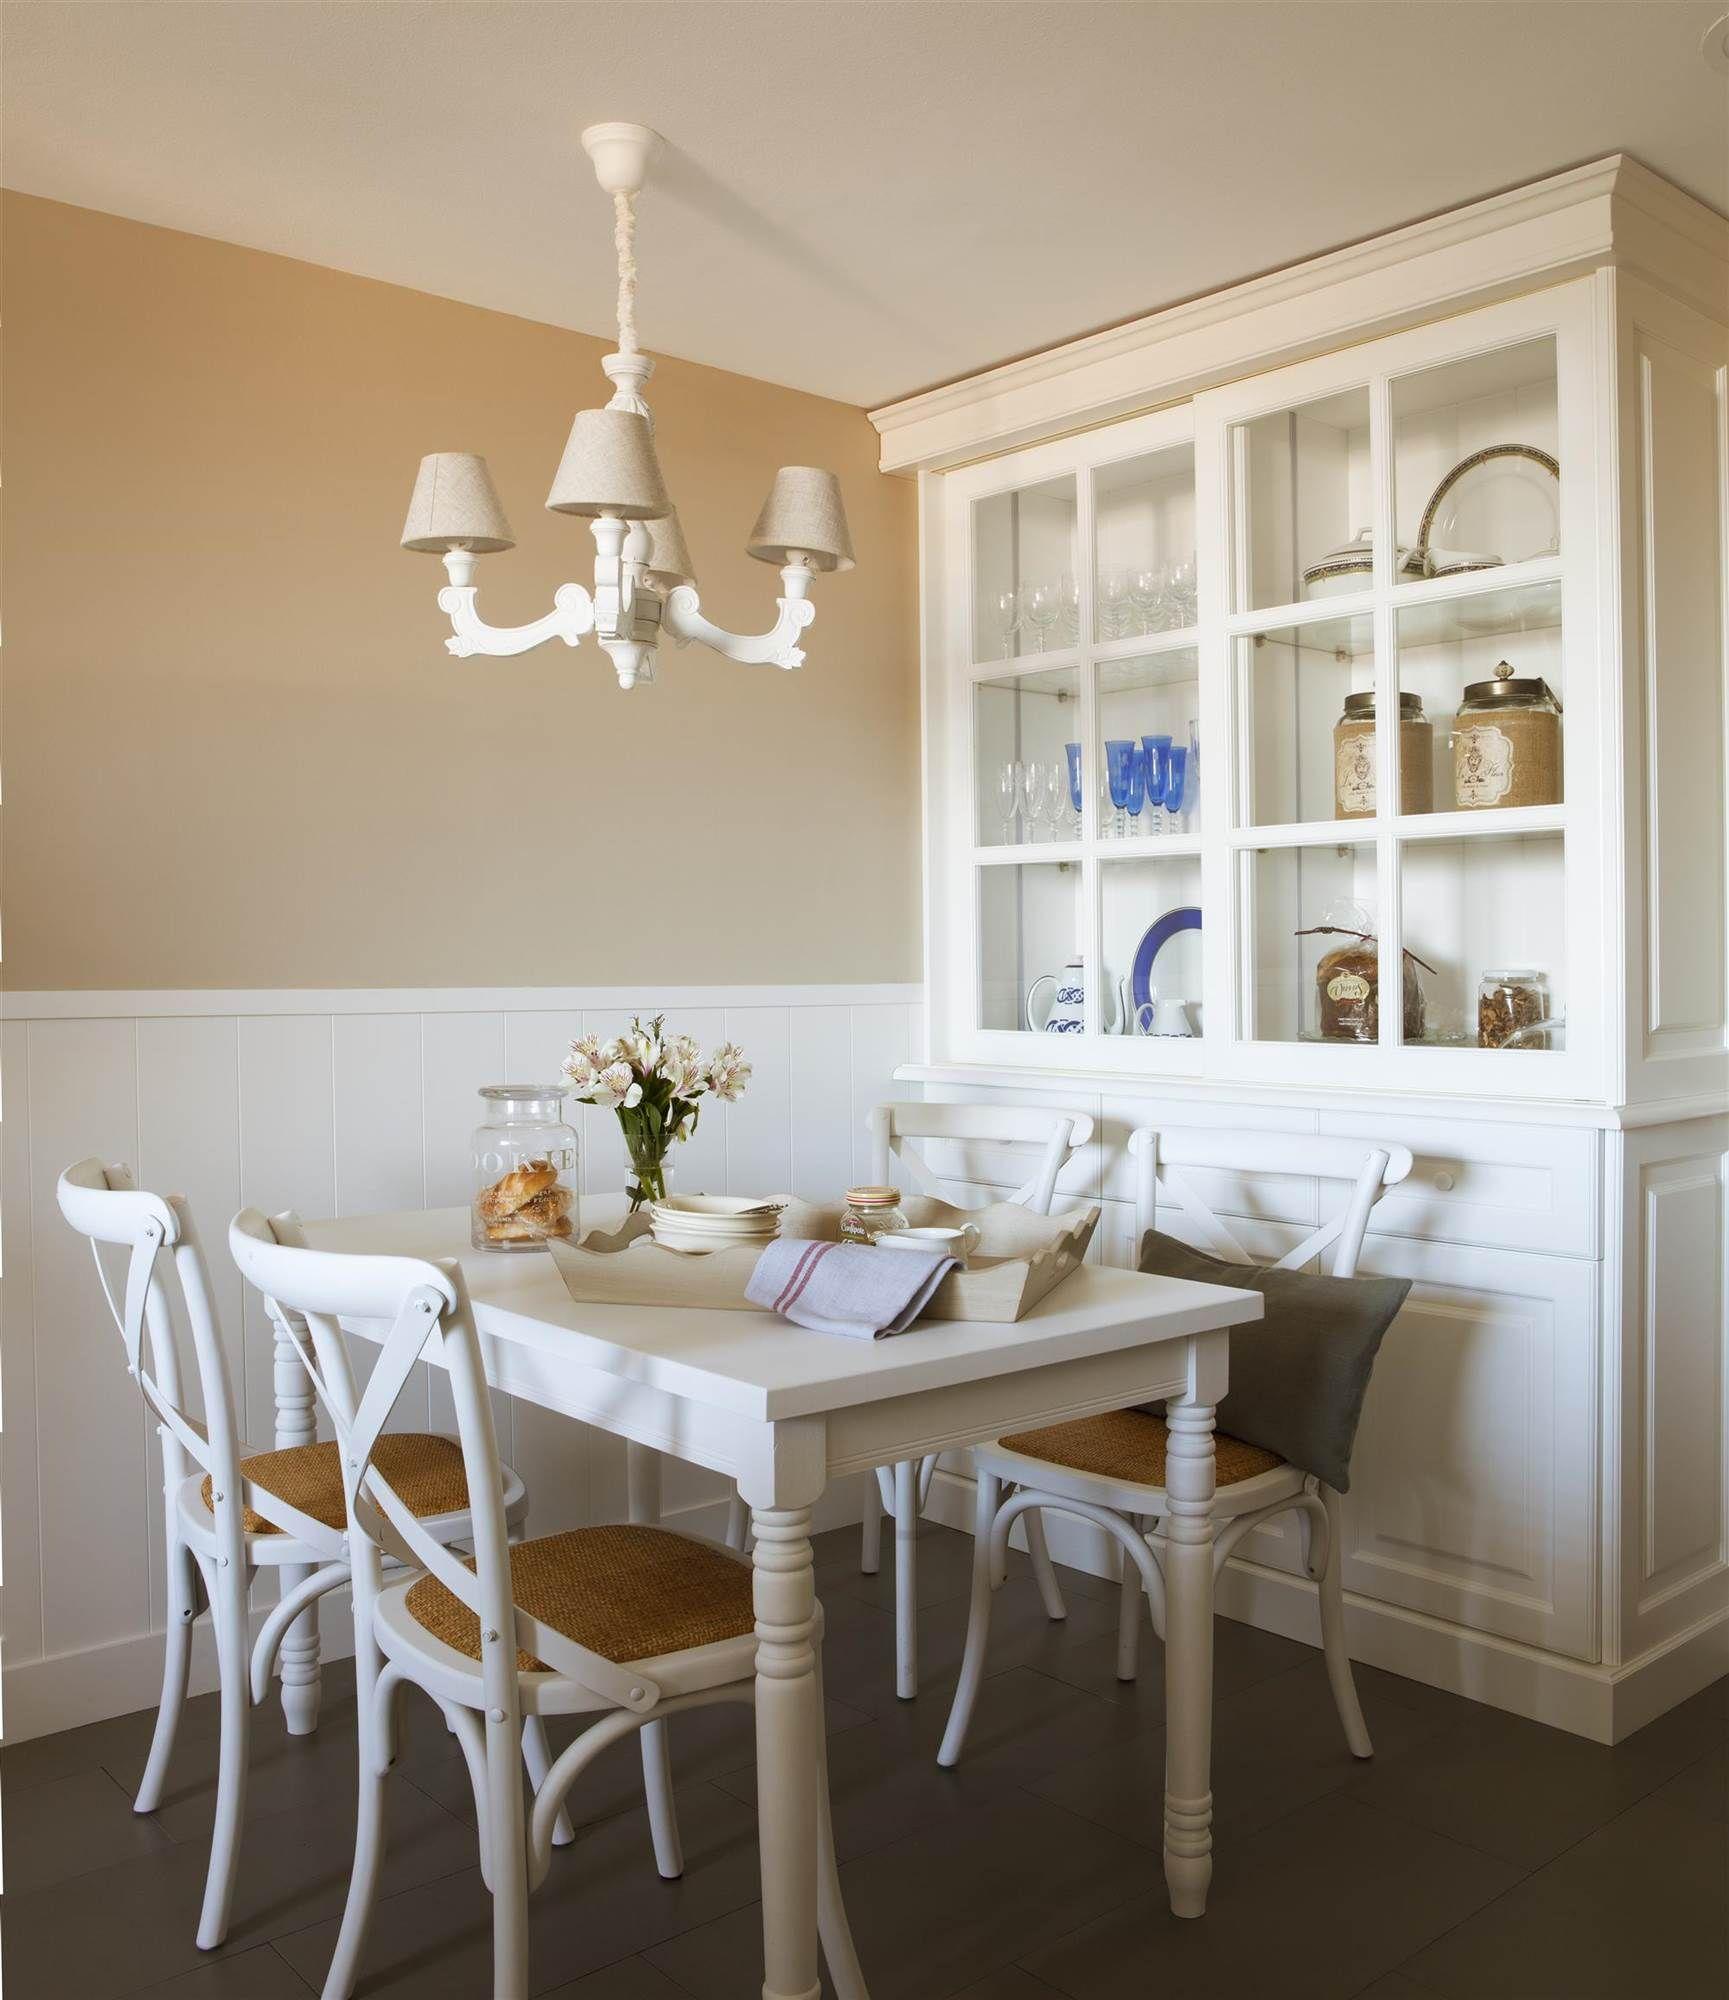 3. Mesa extensible | Comedores pequeños, Grandes comedores y ...